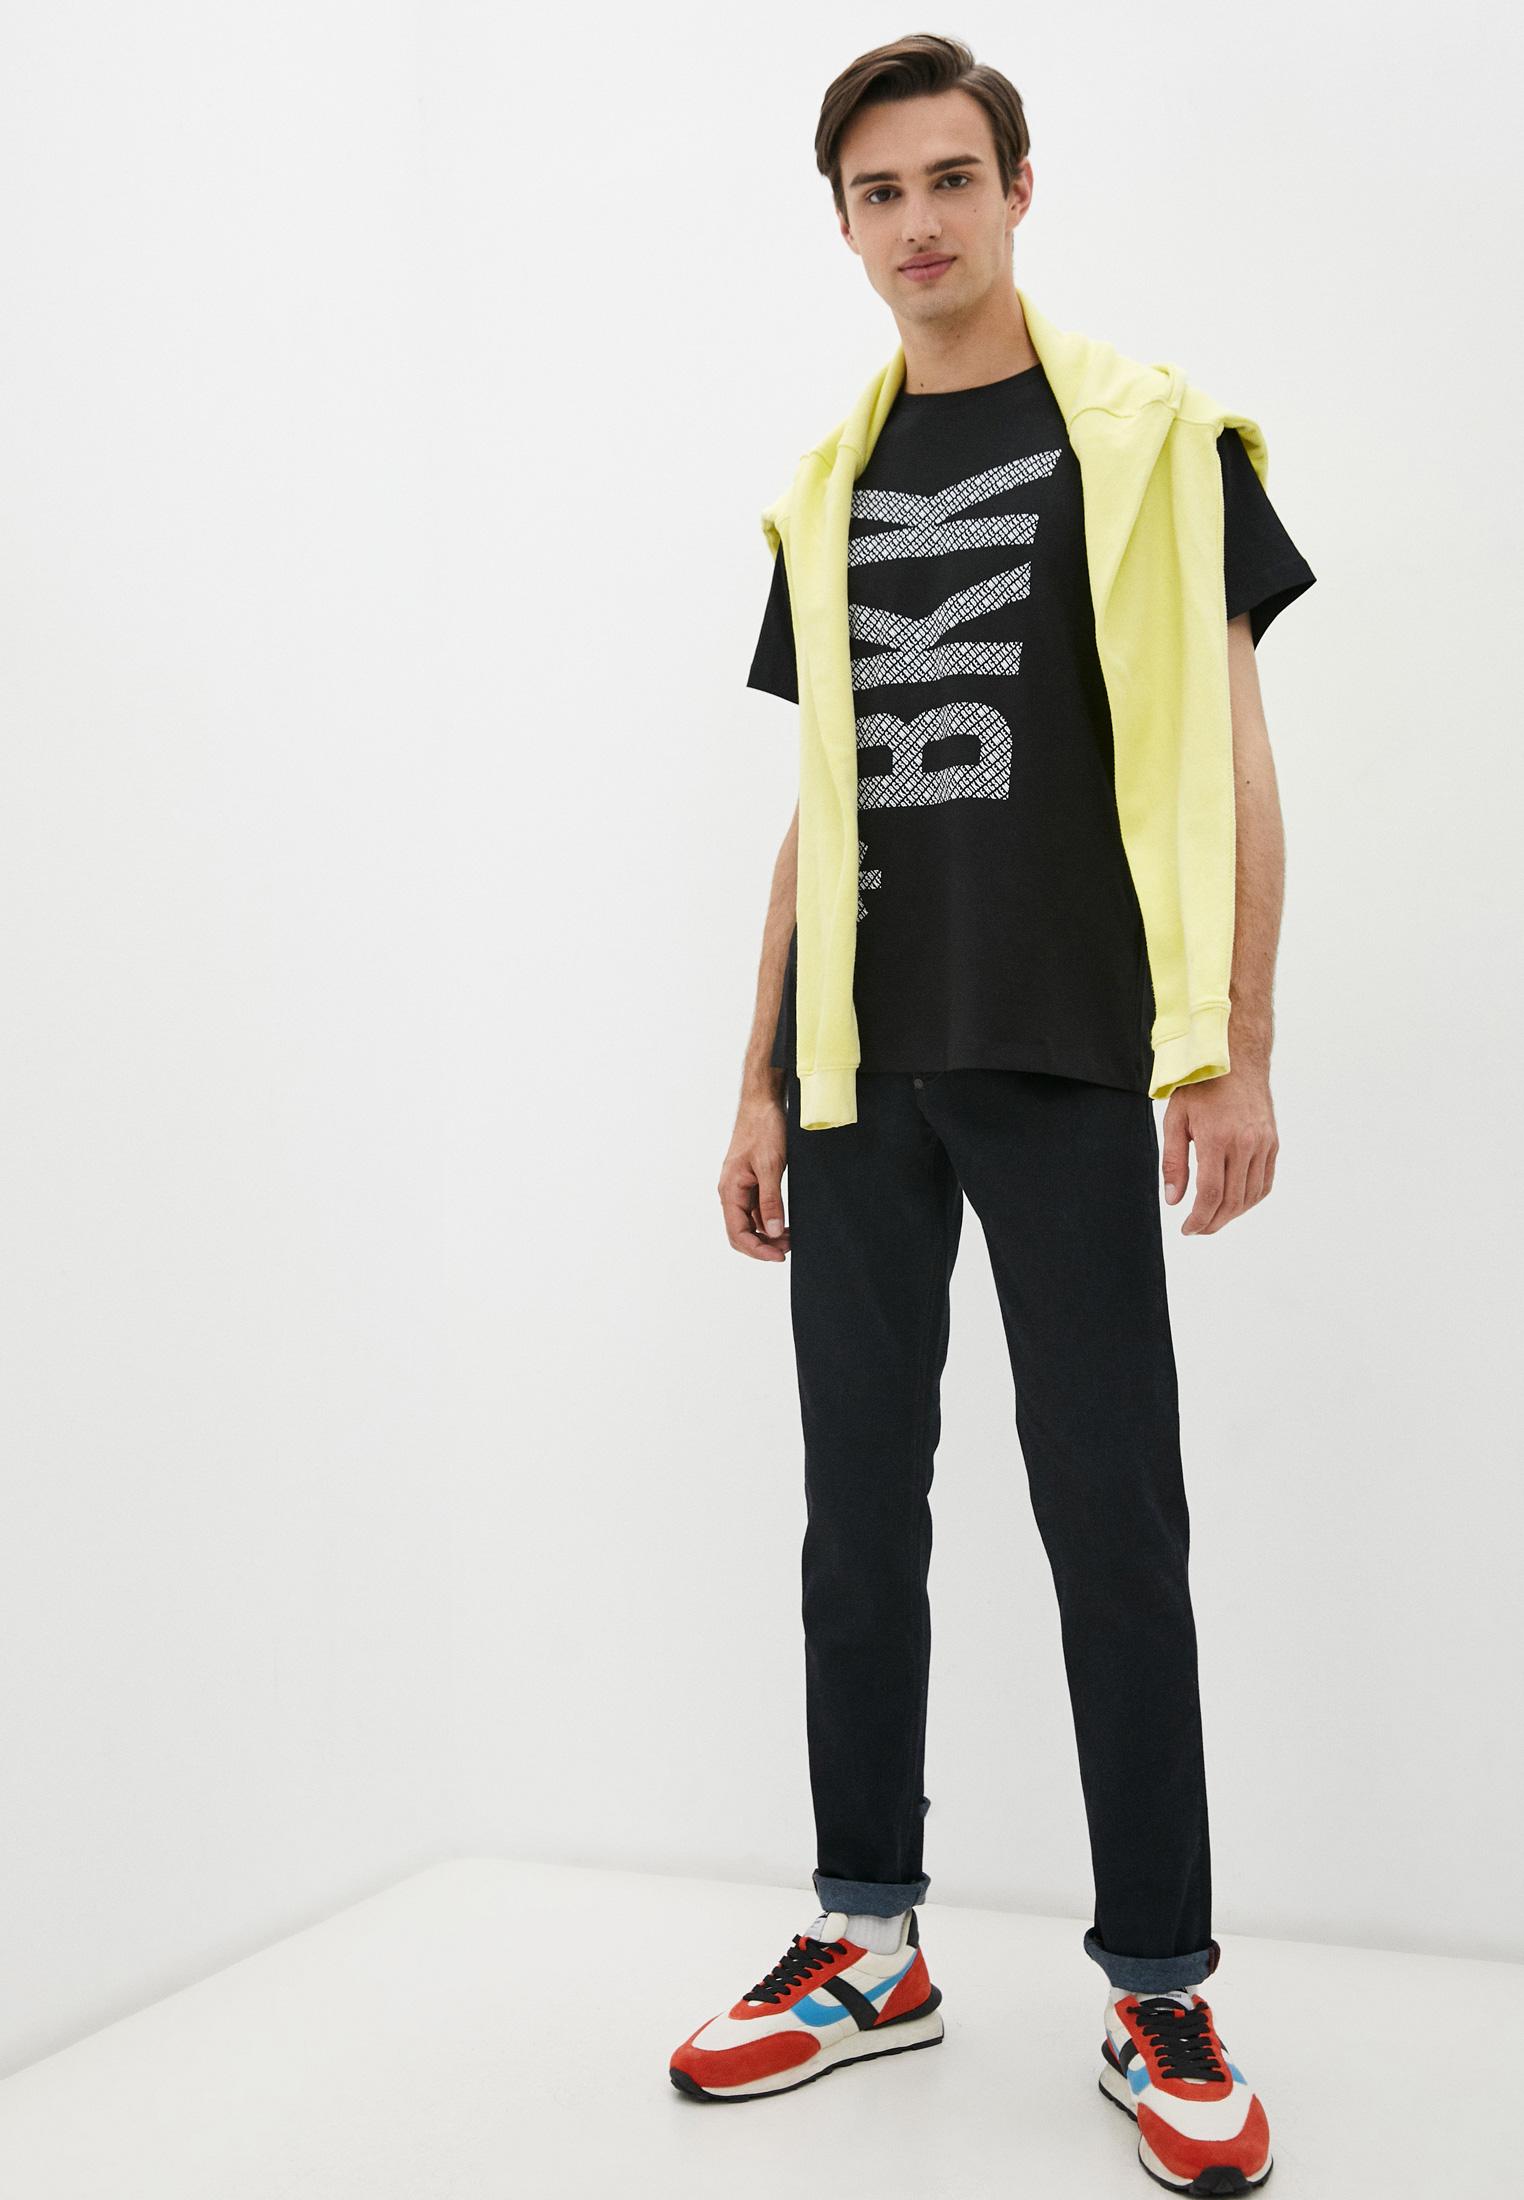 Мужские прямые джинсы Bikkembergs (Биккембергс) C Q 101 01 S 3333: изображение 8